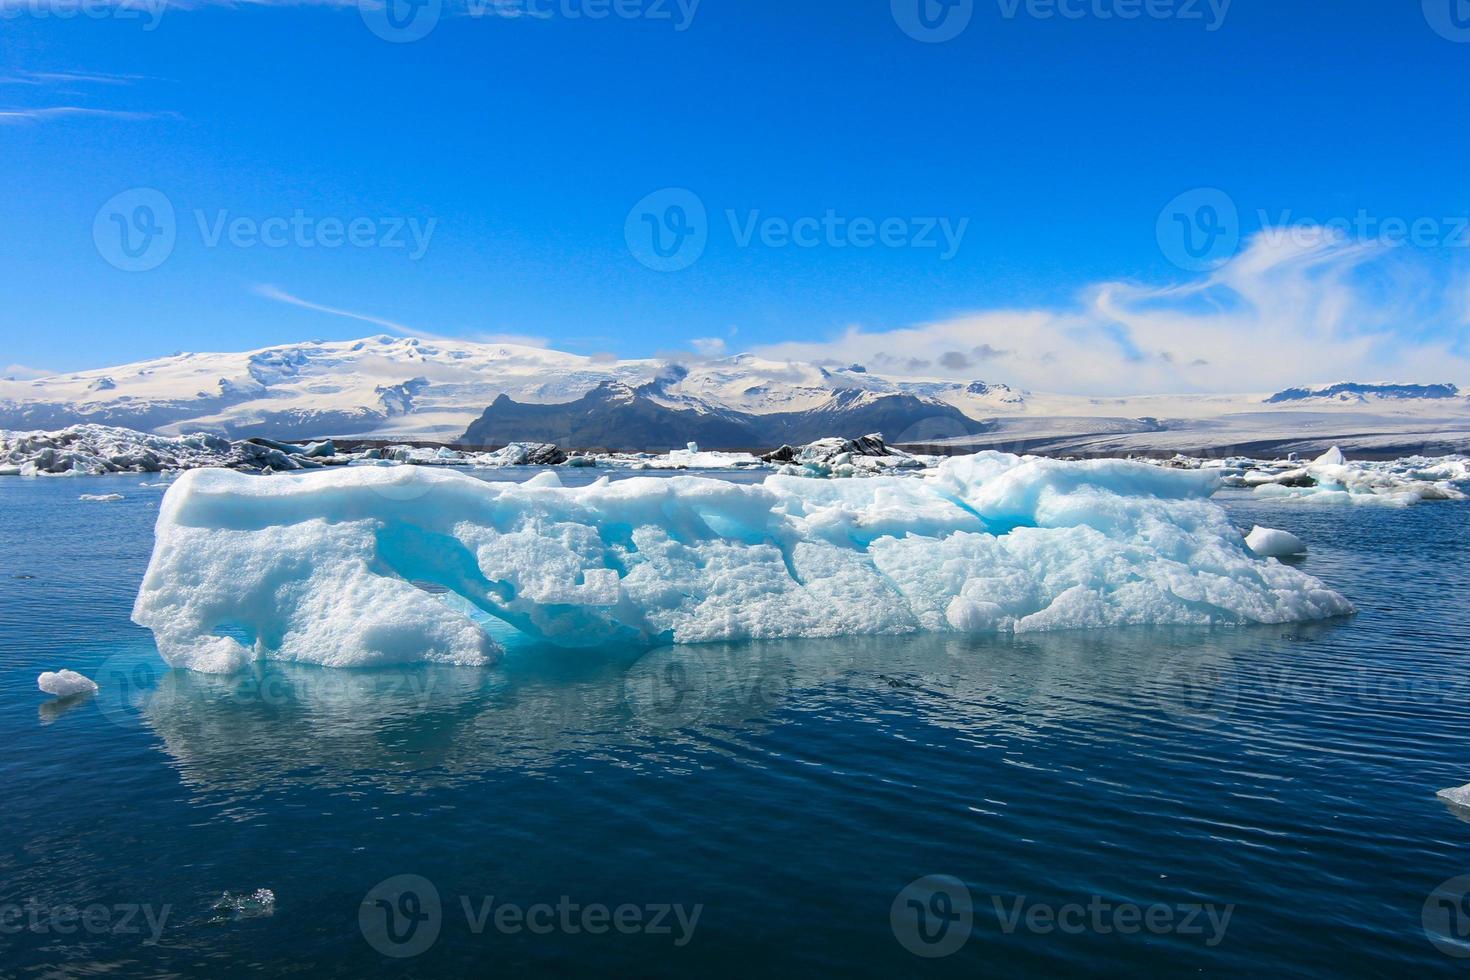 Vue de jokulsarlon en Islande photo